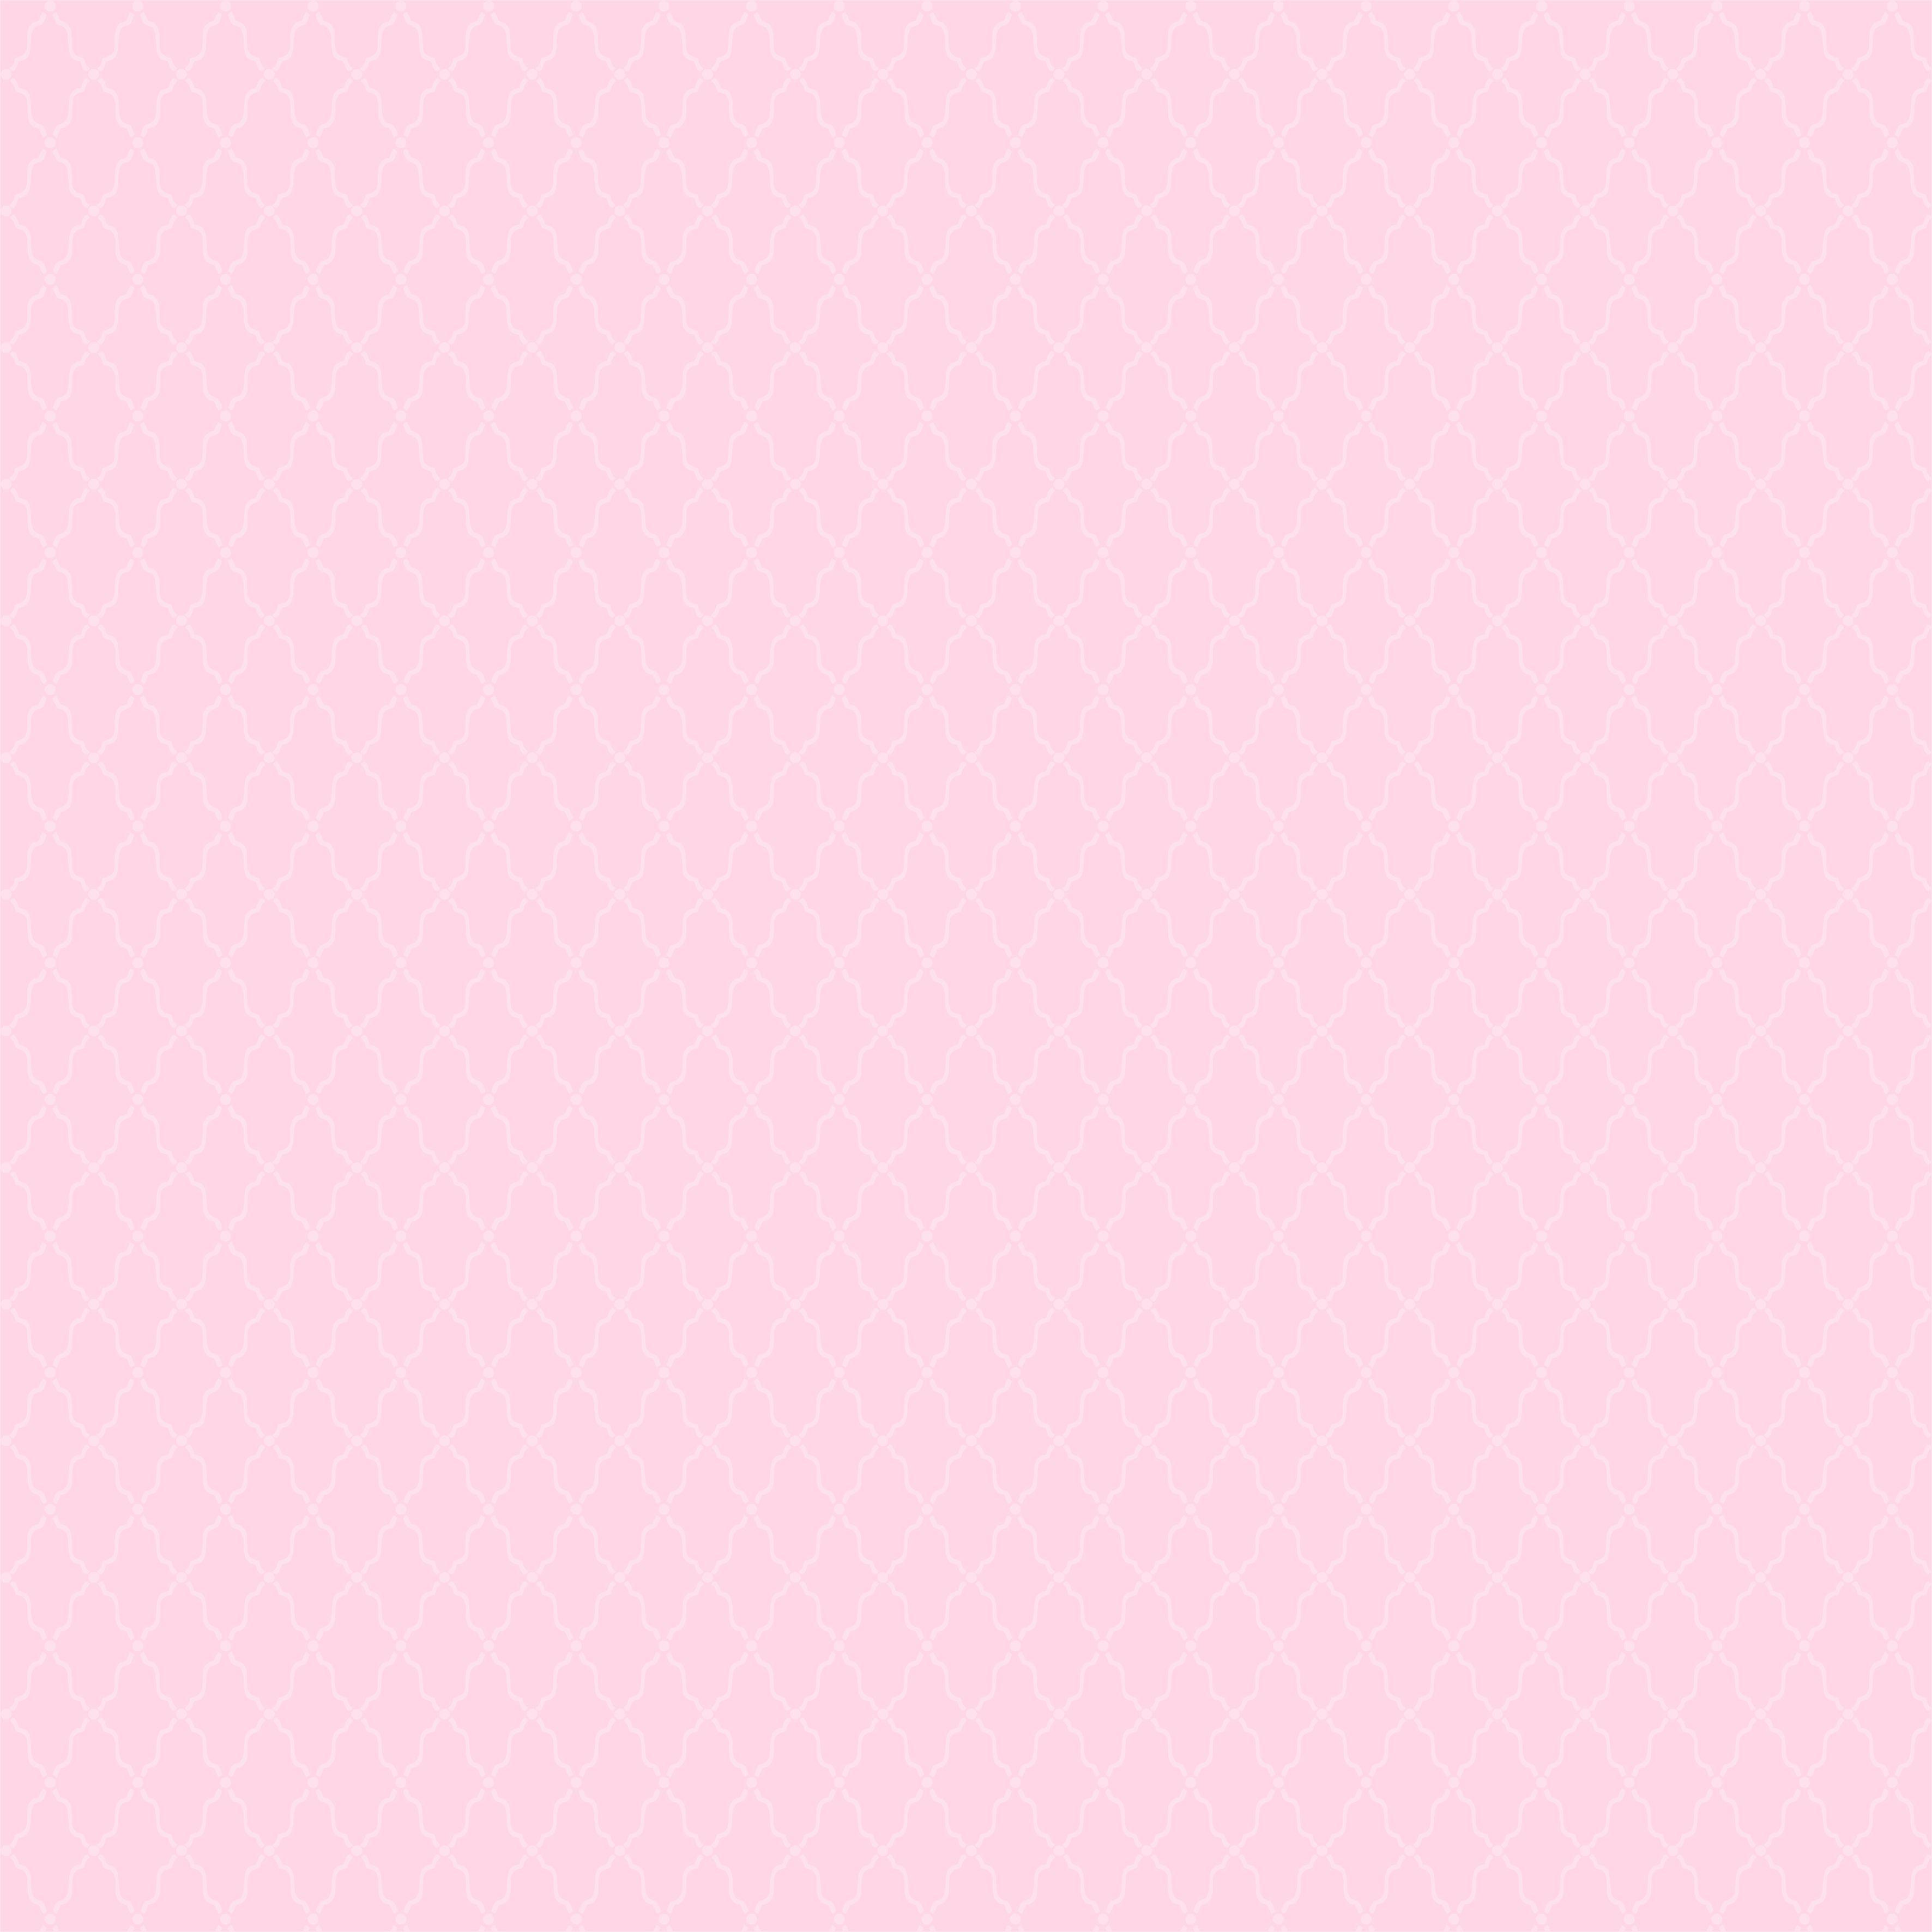 papel digital casa de bonecas rosa 3